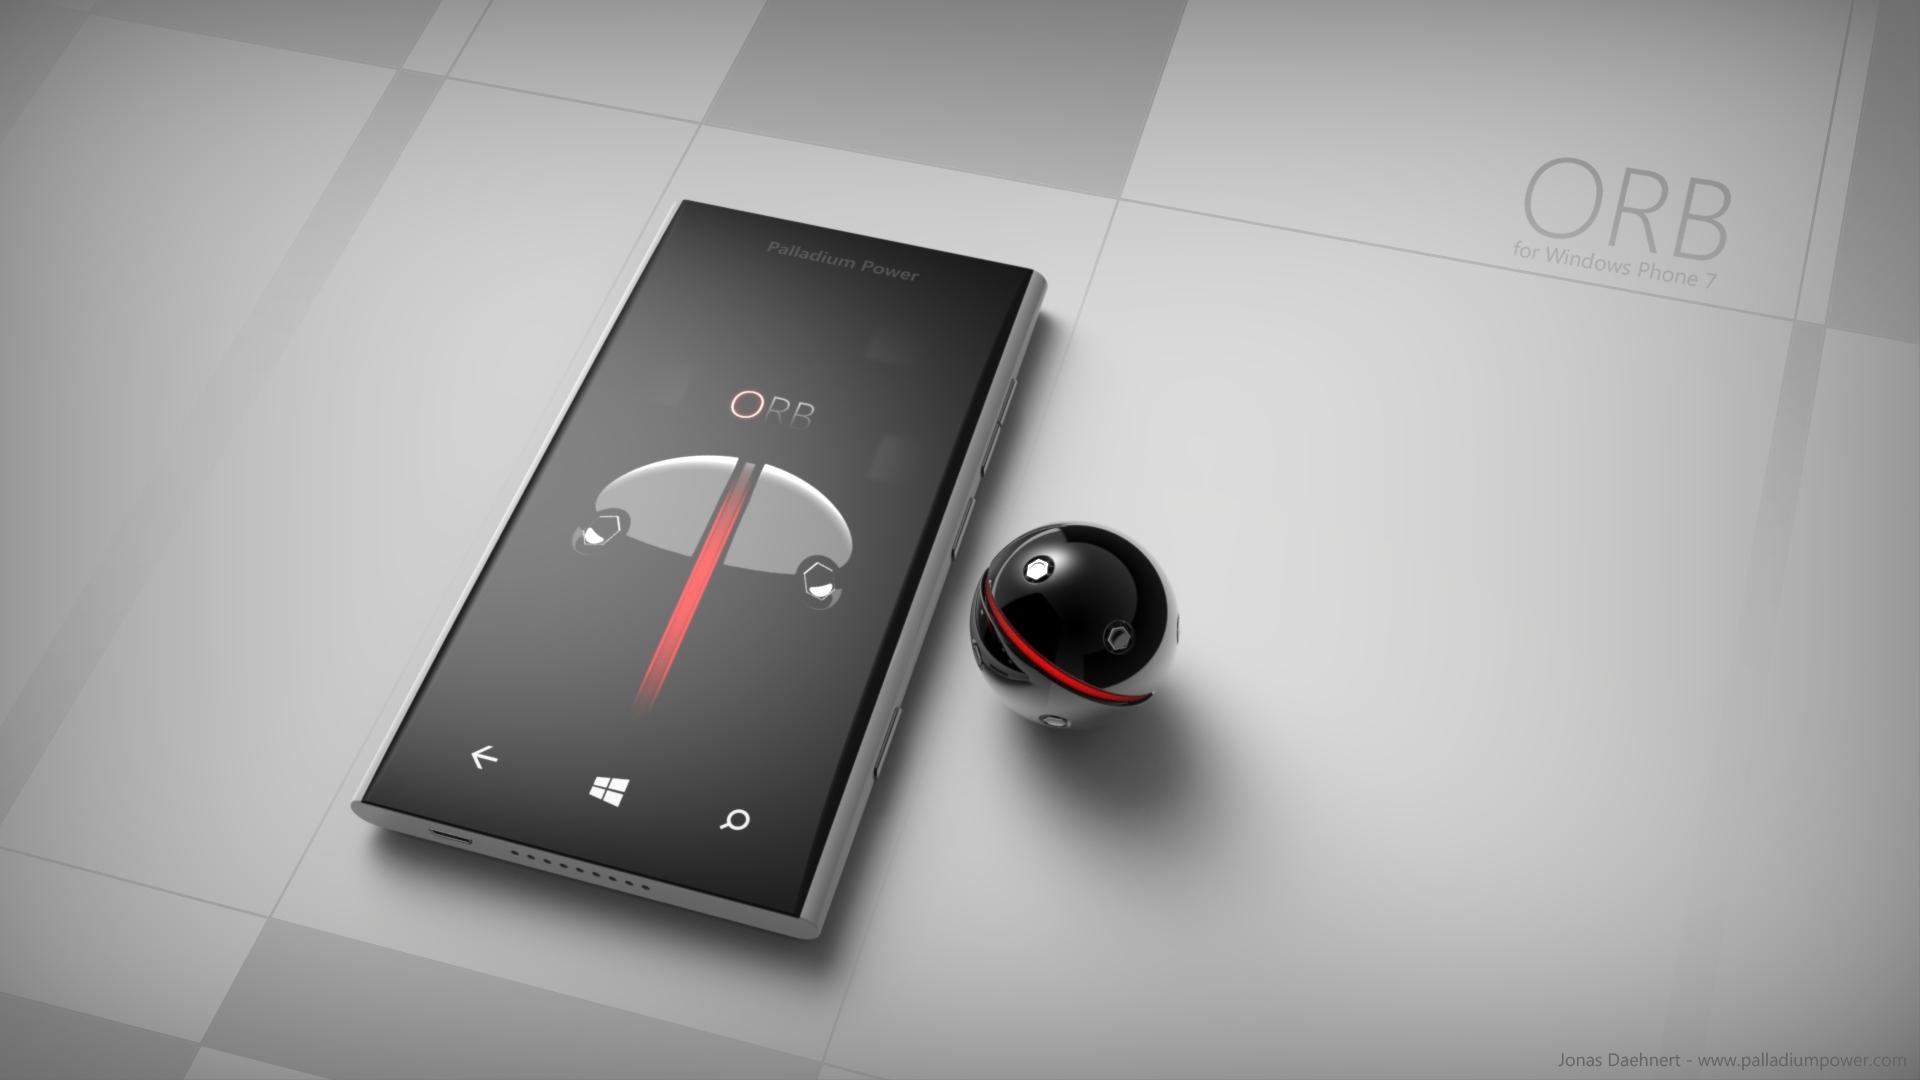 ORB for Windows Phone 7 Wallpaper by Jonas-Daehnert